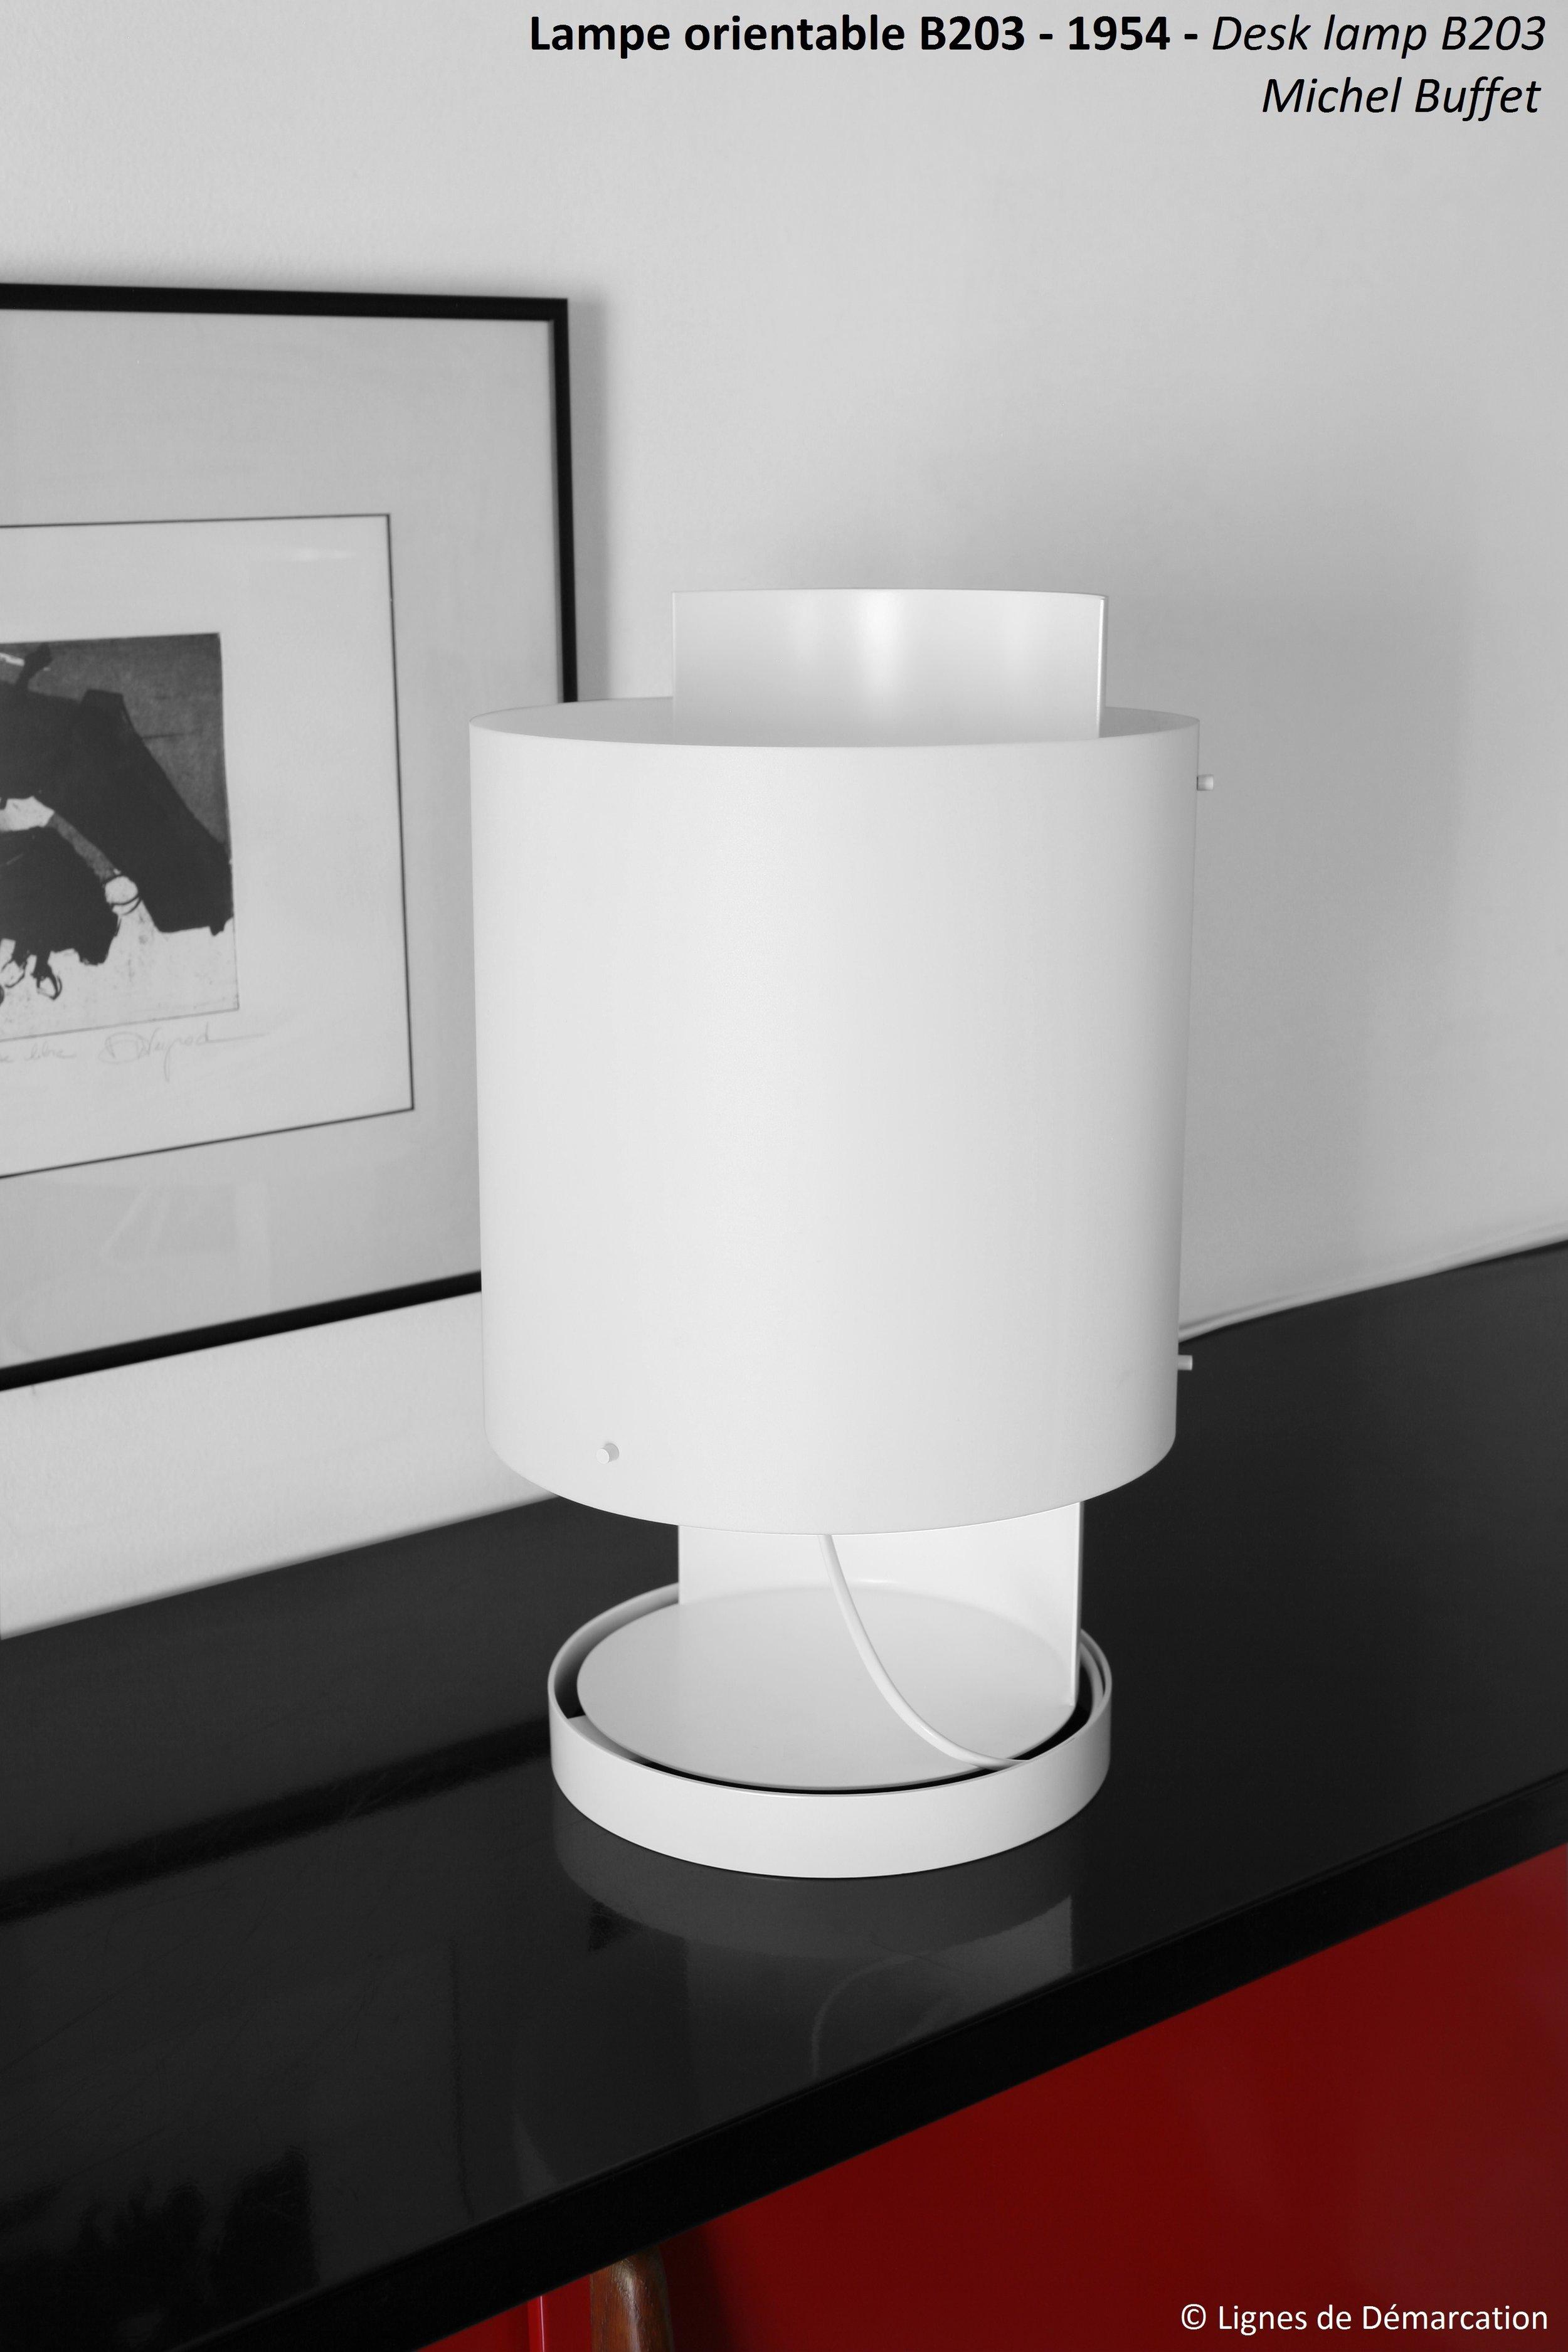 Lampe Orientable B203 LÇg.jpg